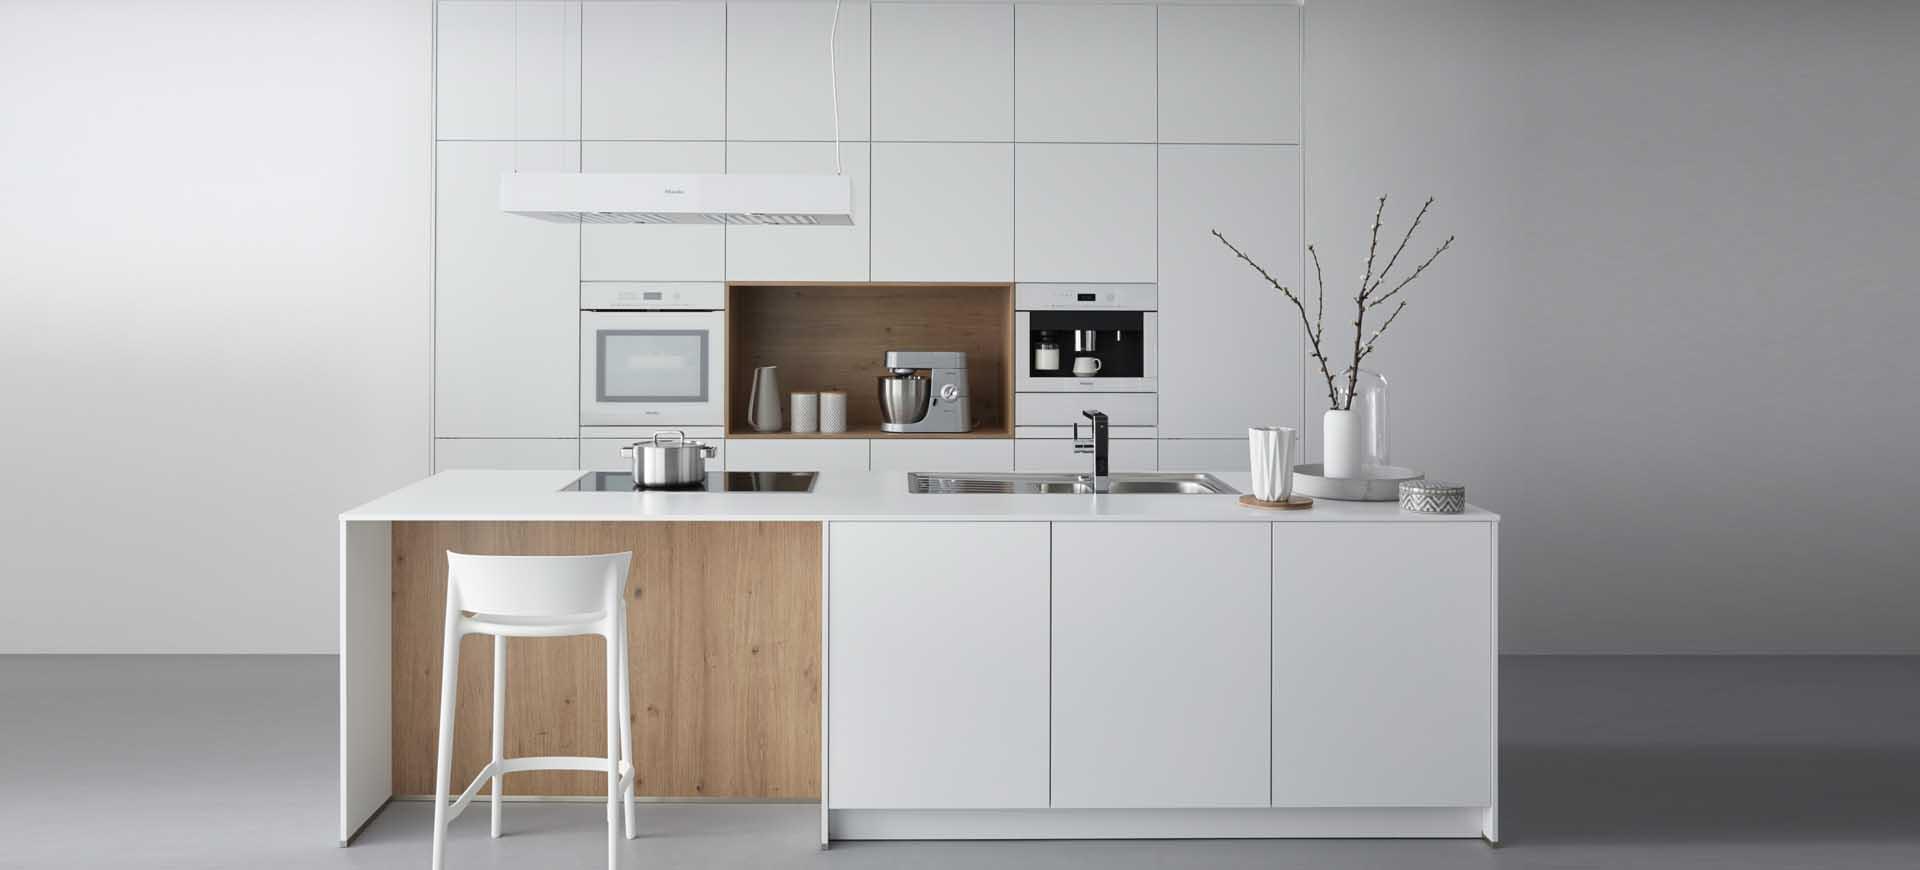 m bel und k chen im raum landshut straubing dingolfing deggendorf regensburg m bel klingl gmbh. Black Bedroom Furniture Sets. Home Design Ideas